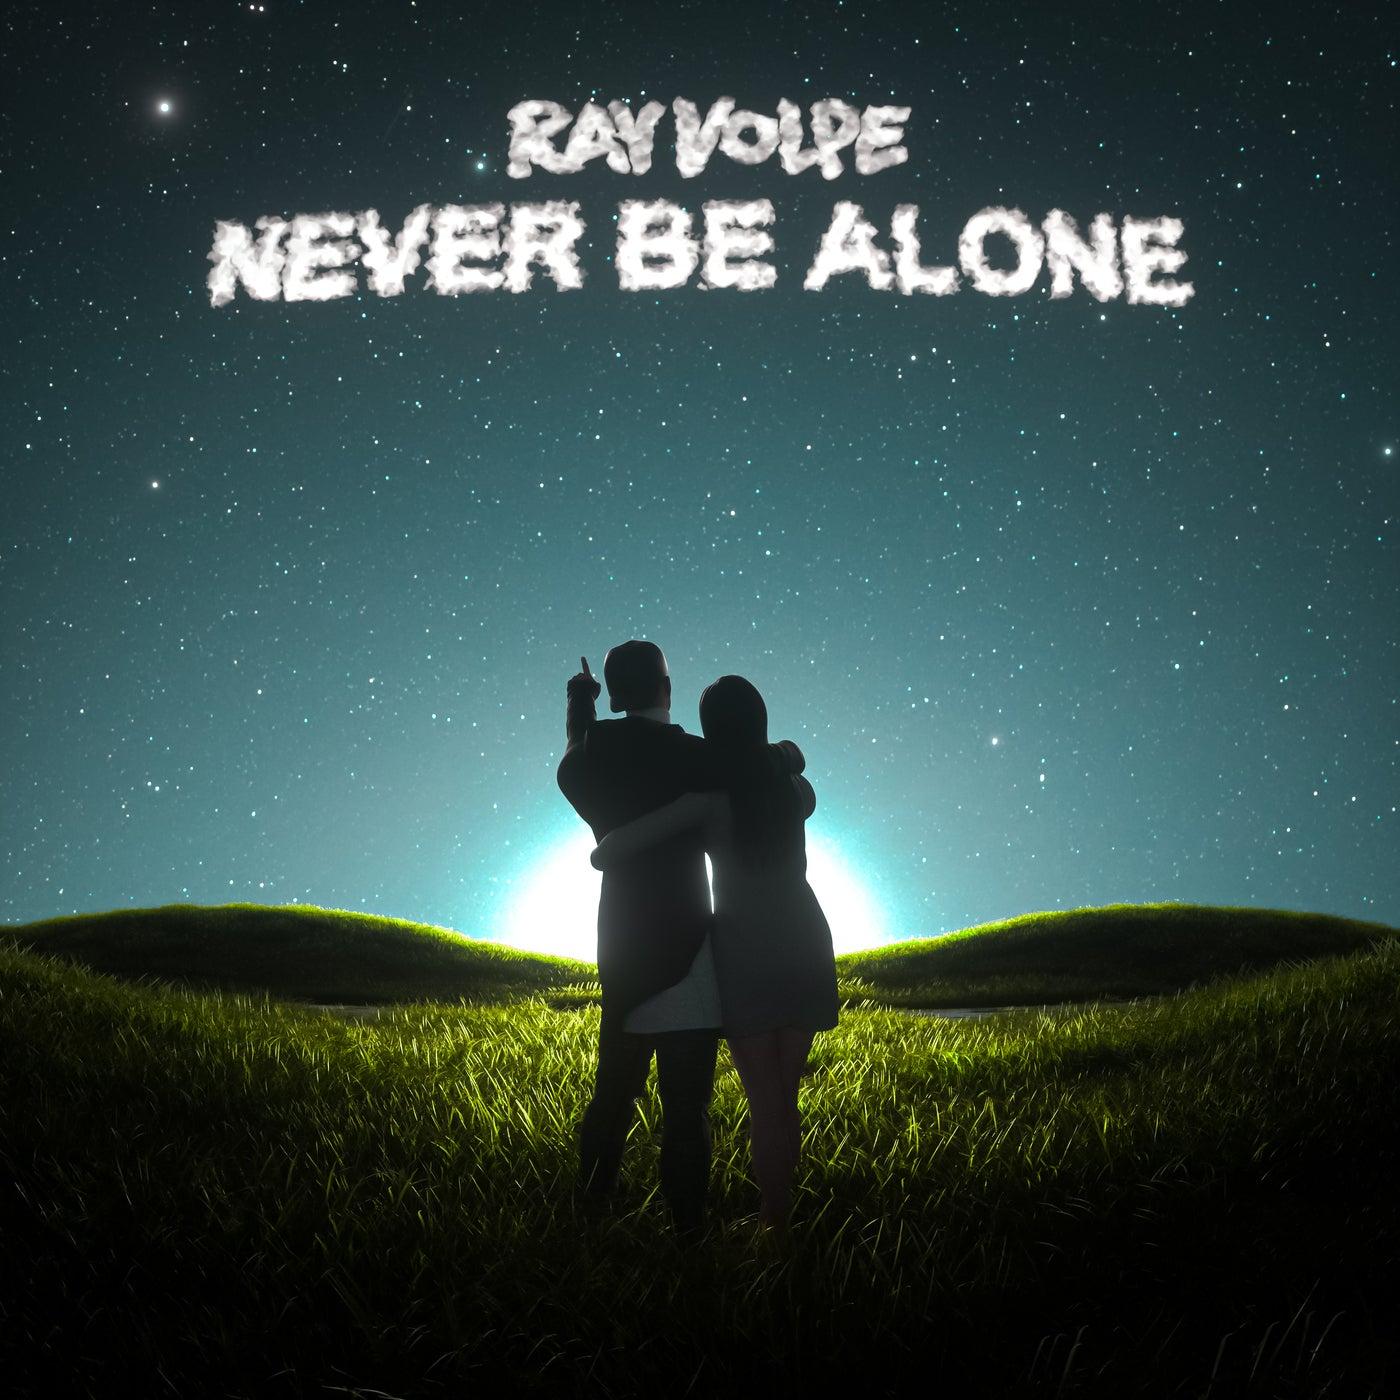 Never Be Alone (Original Mix)